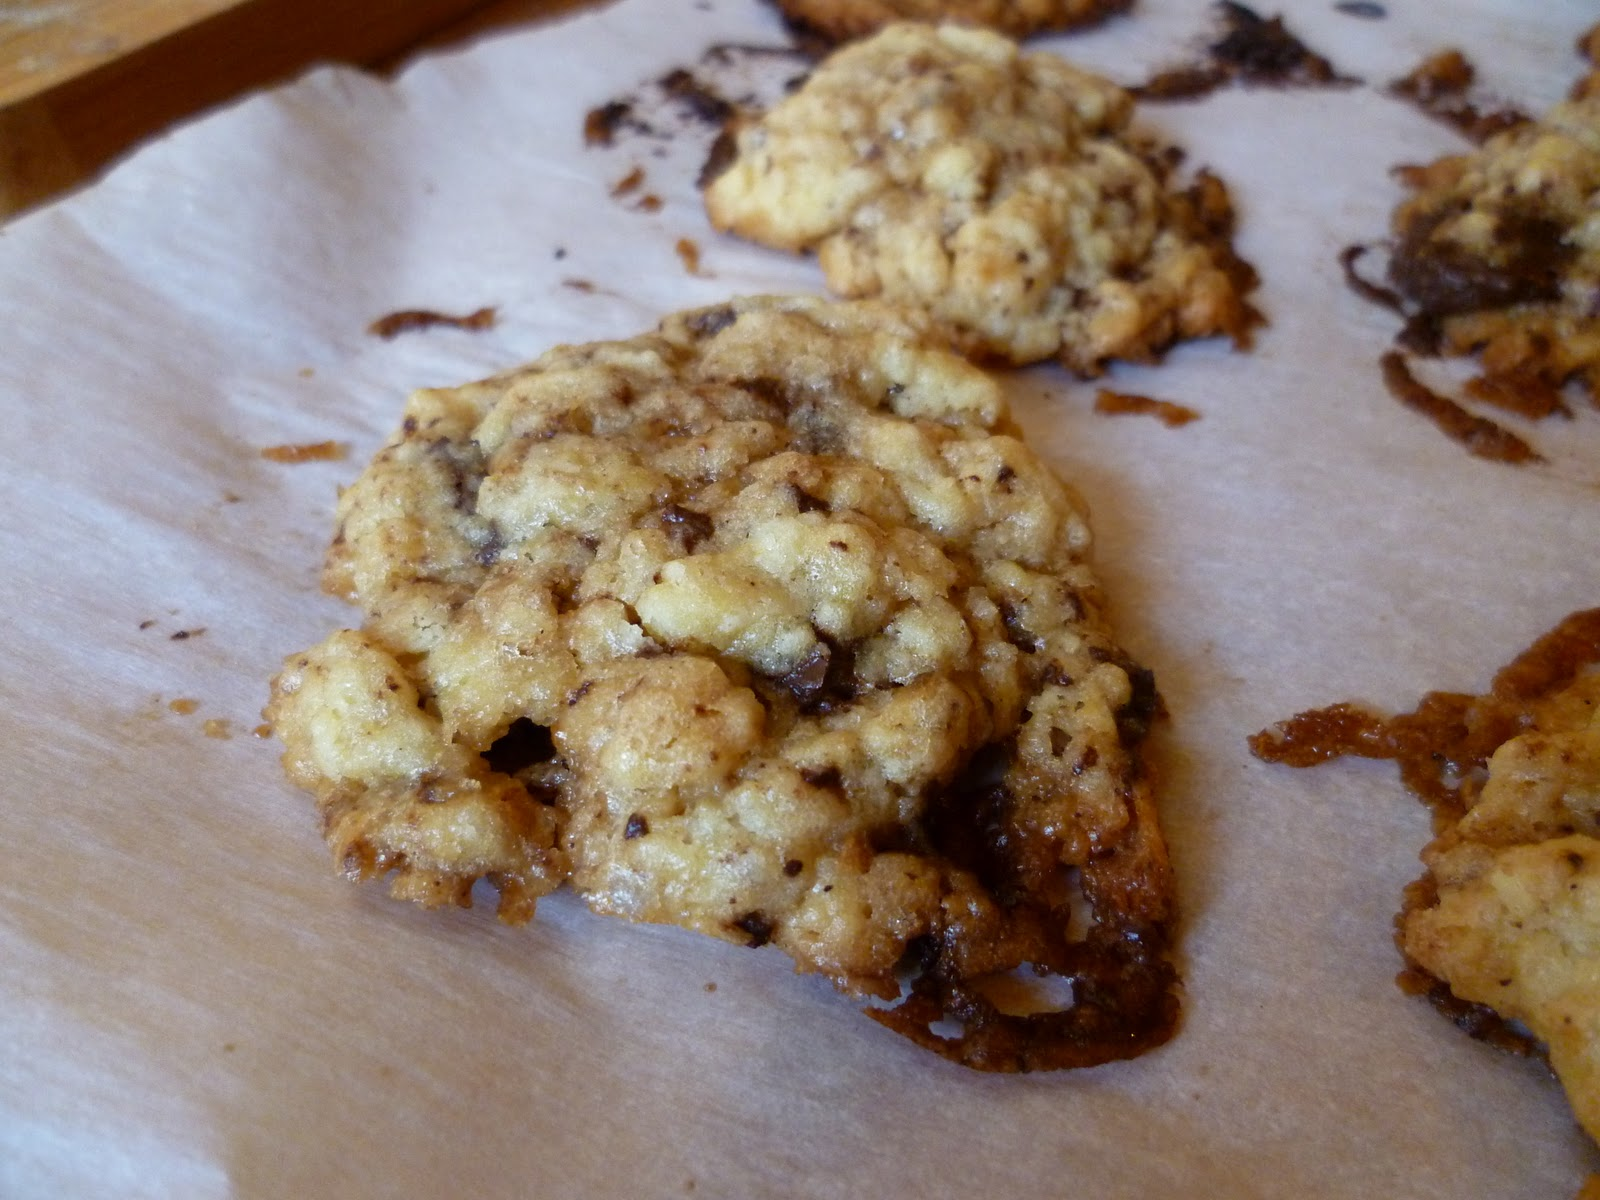 Les recettes de pauline les cookies de laura todd - Recette cookies laura todd ...